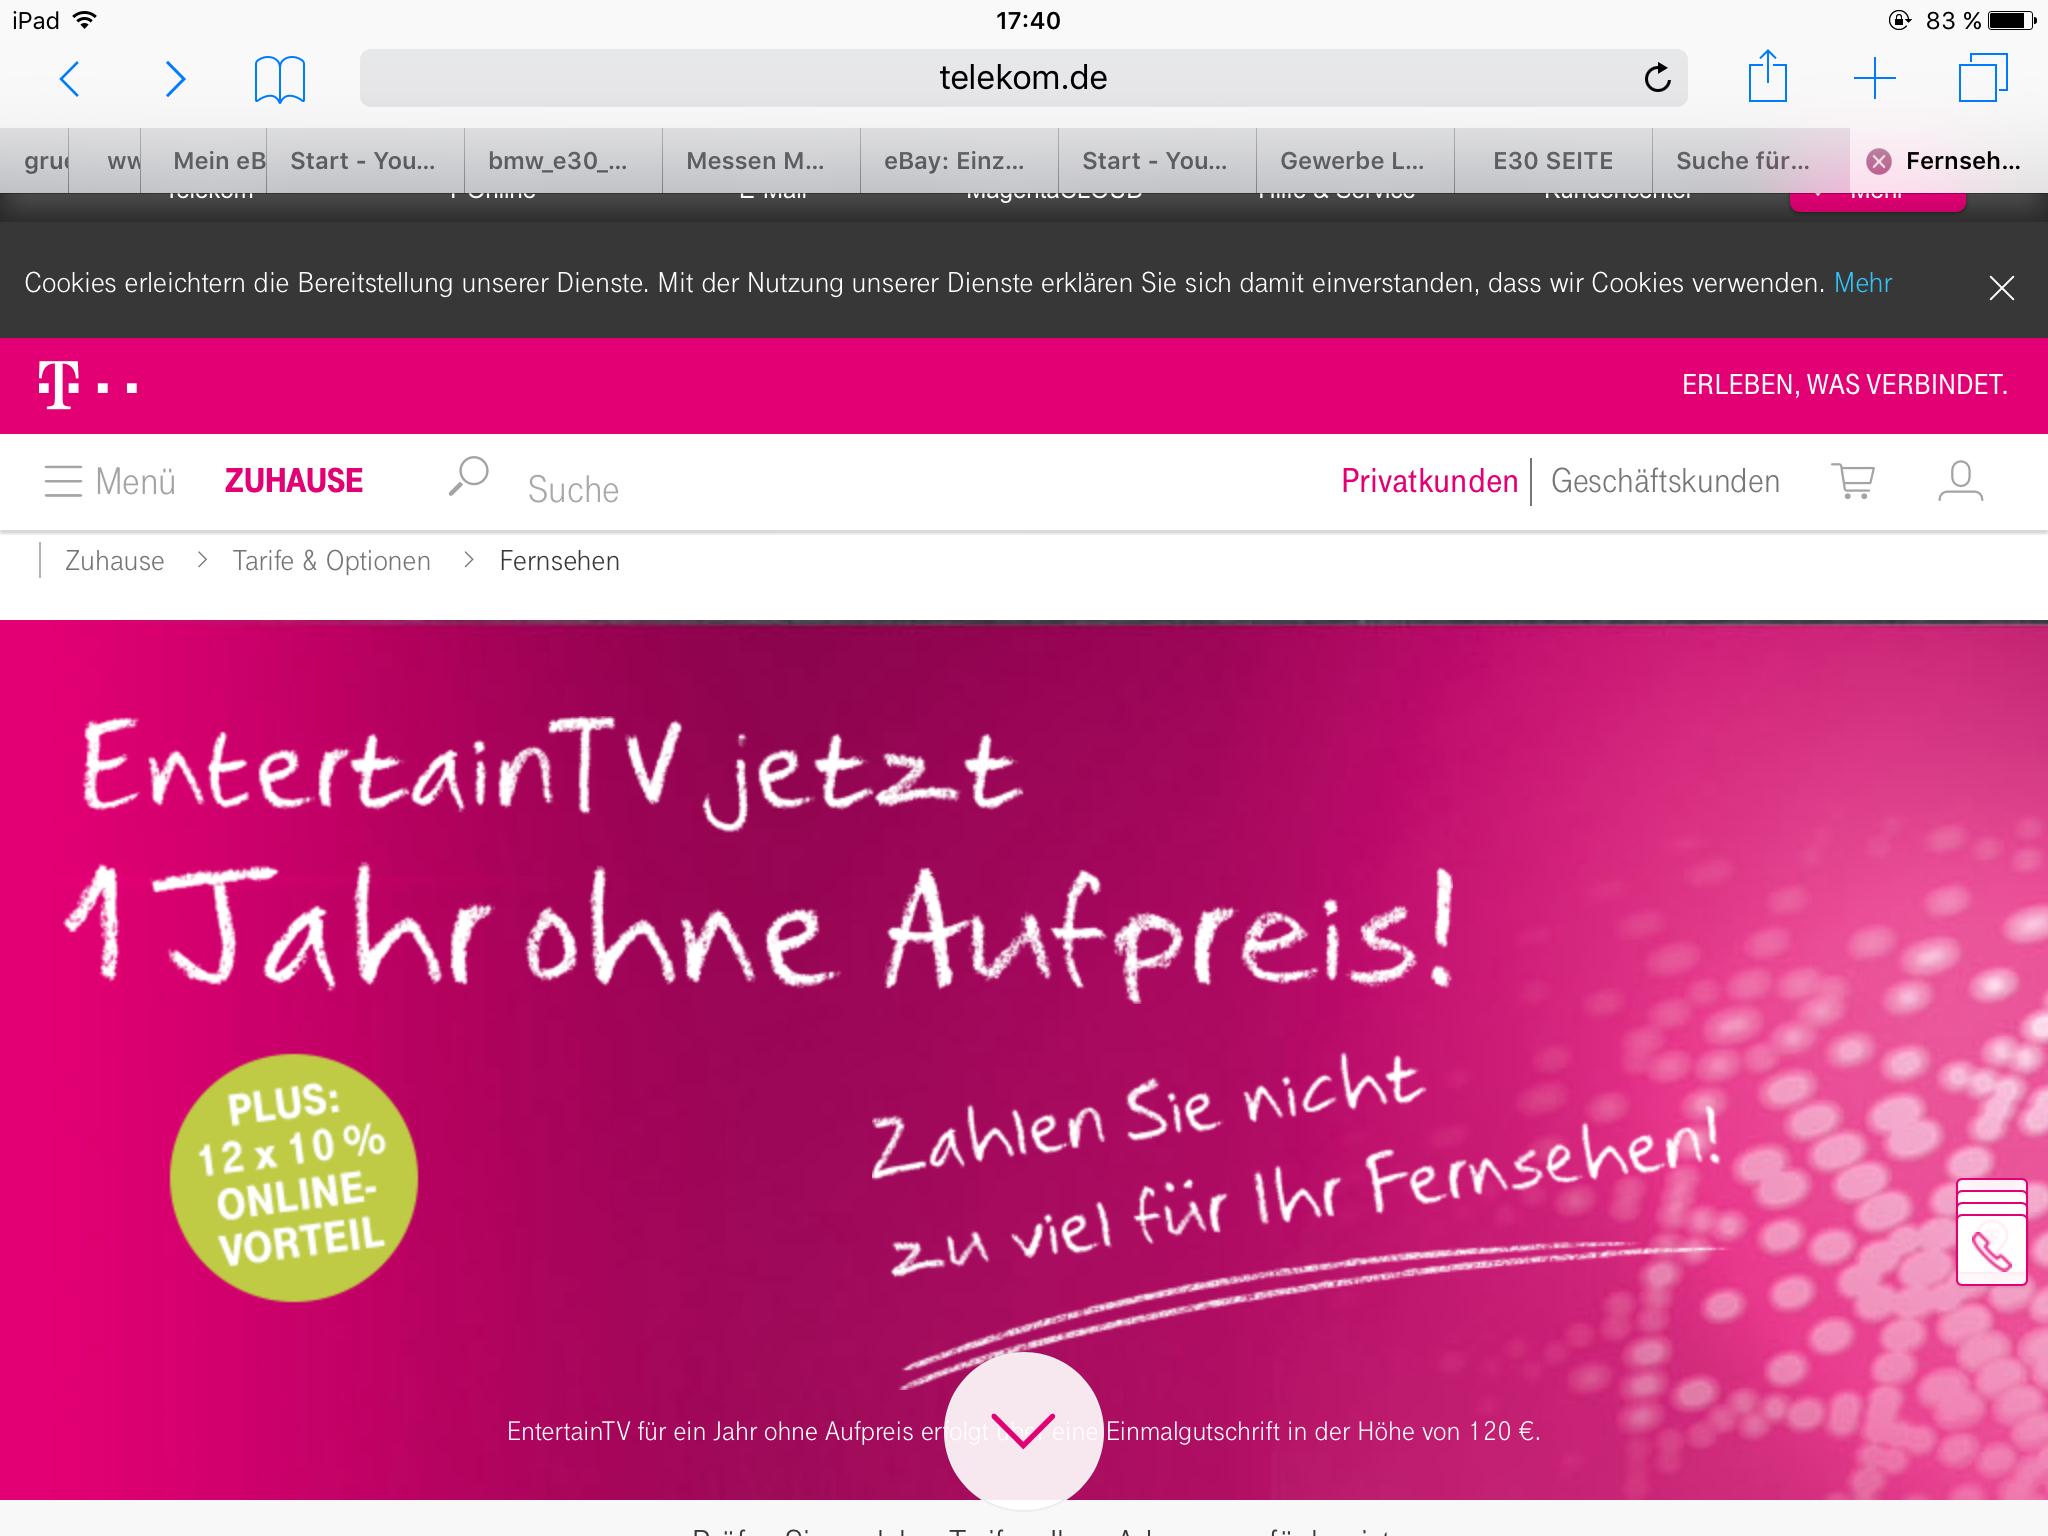 Telekom DSL Vertrag 100MBits & EntertainTVfür 17,96/Monat im 1.Jahr